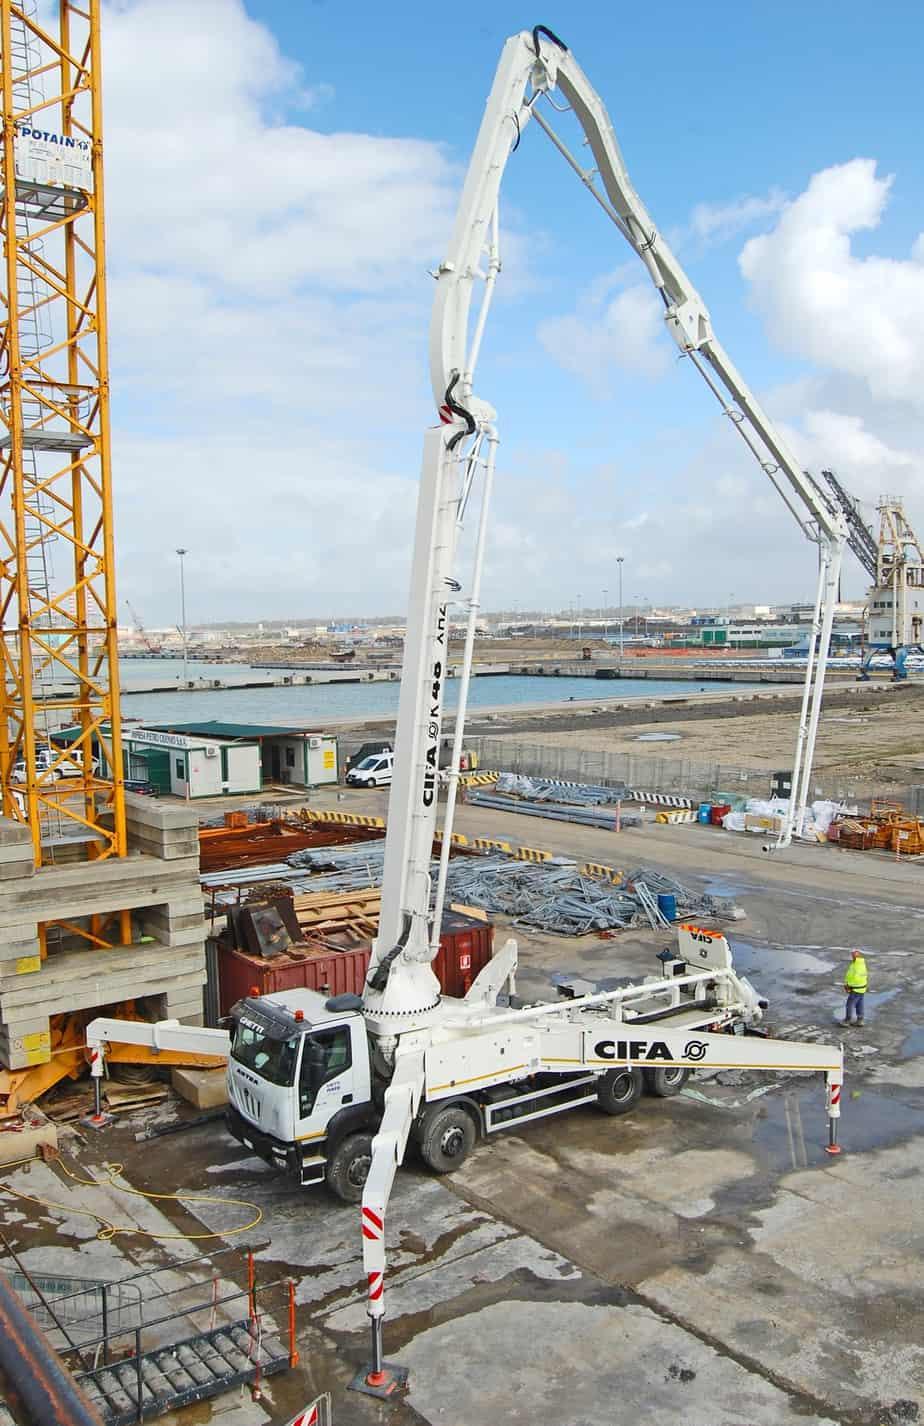 Al porto di Civitavecchia Cifa è all'opera con una pompa autocarrata K48